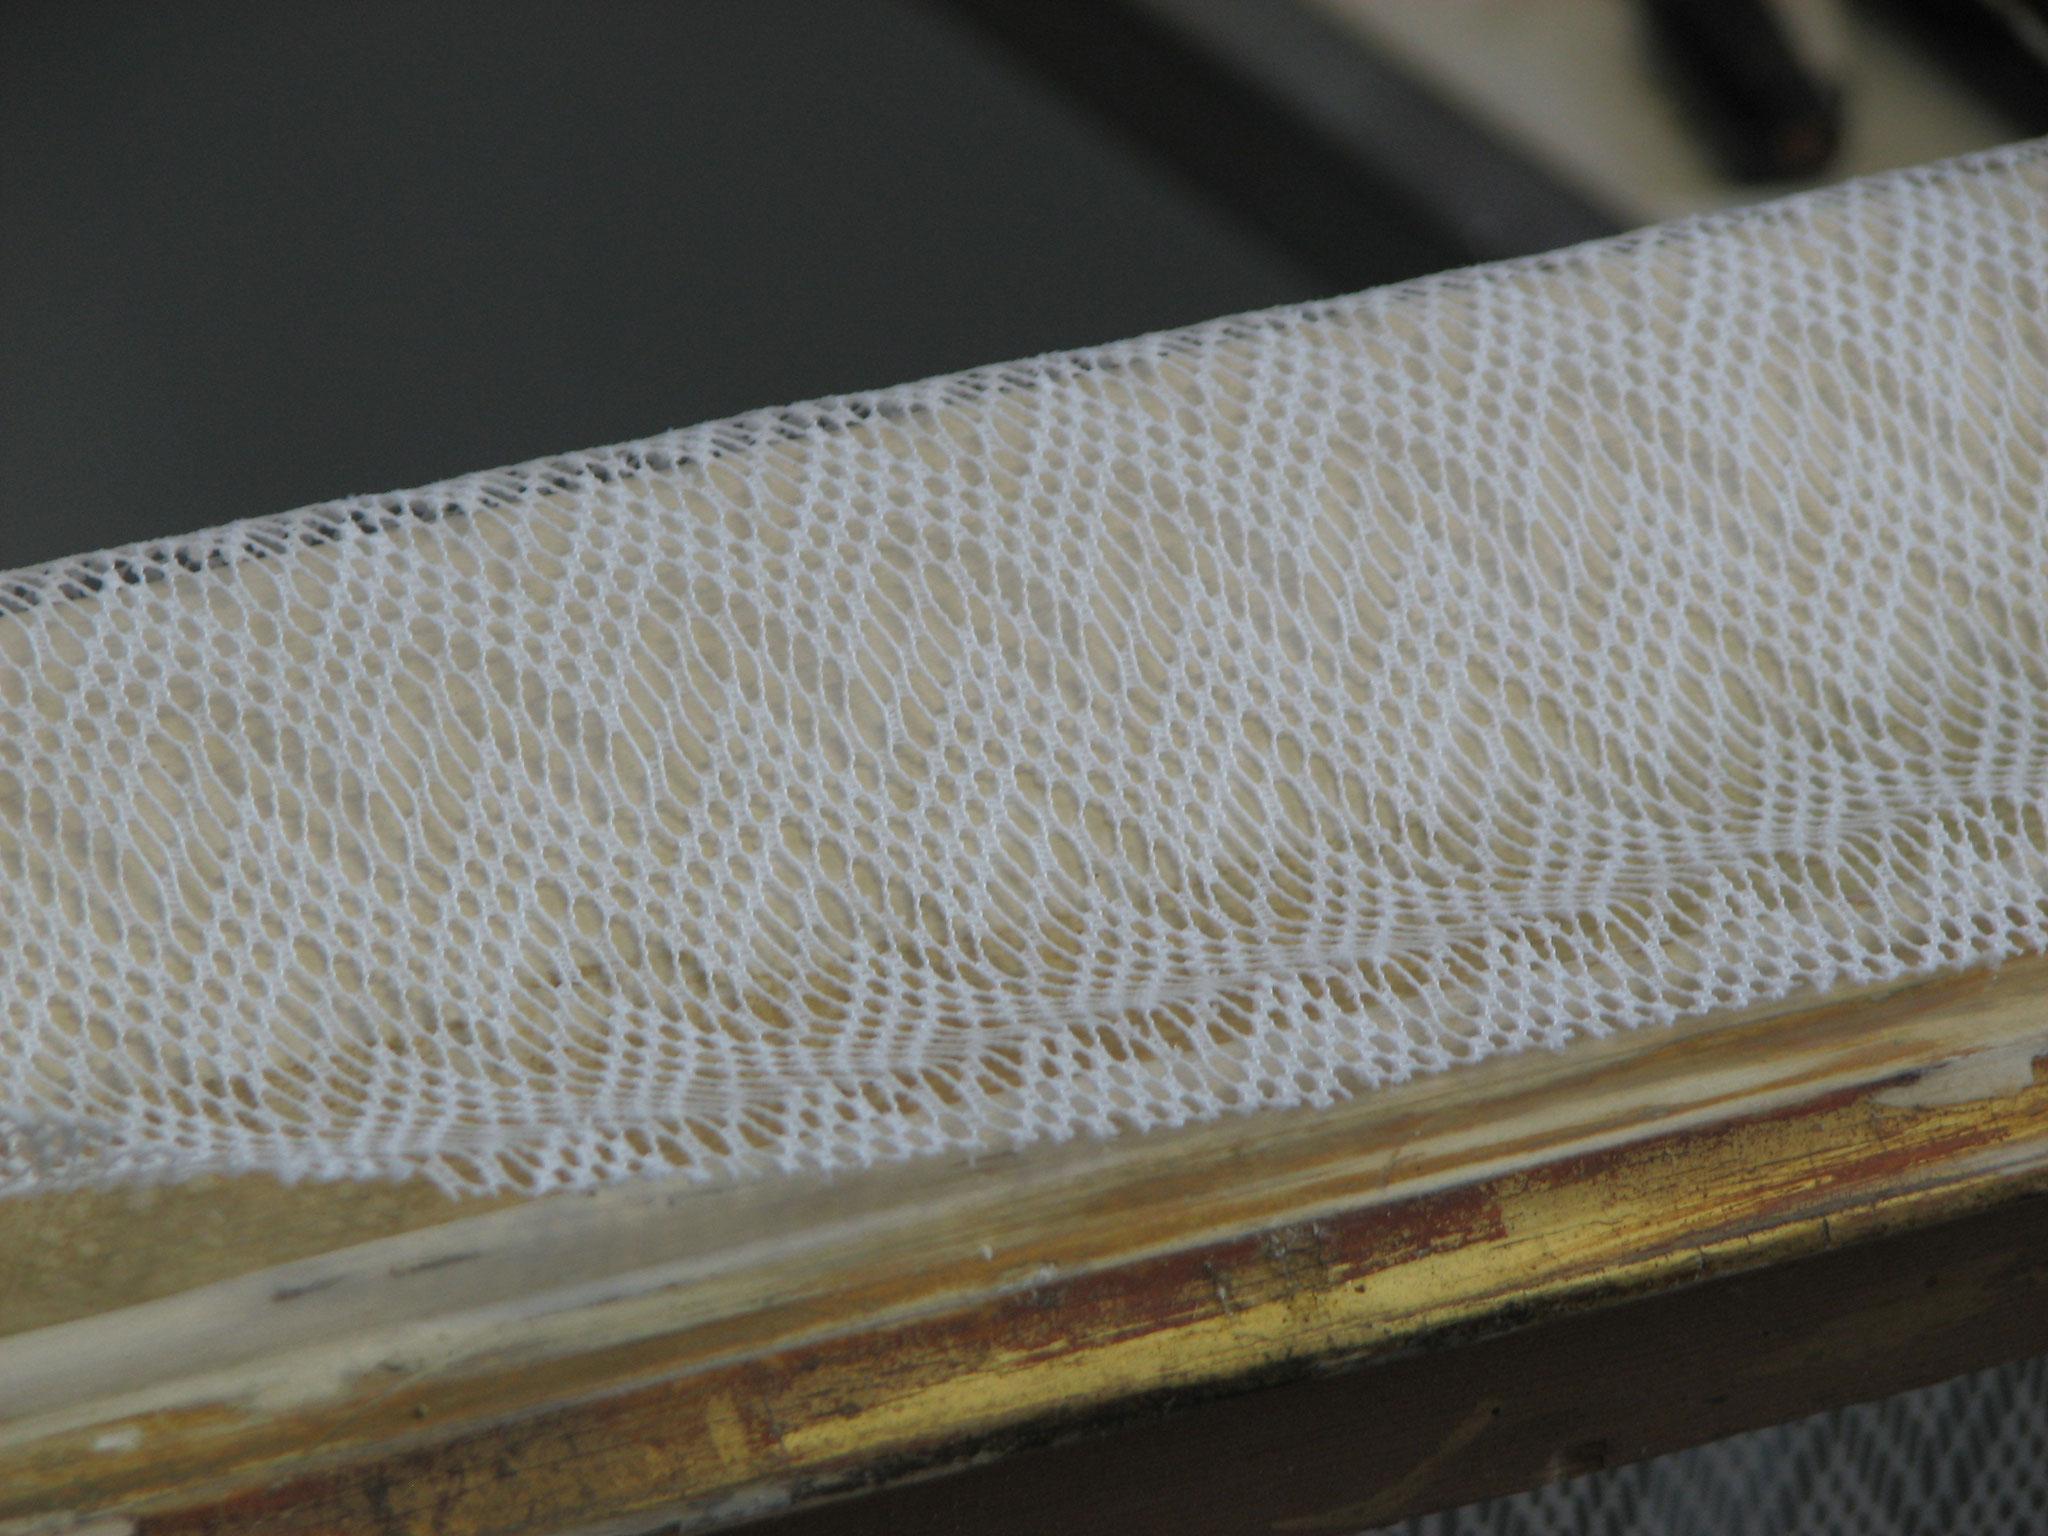 Nach Holzergänzung, aufbringen nachgewebtes Spitzenband